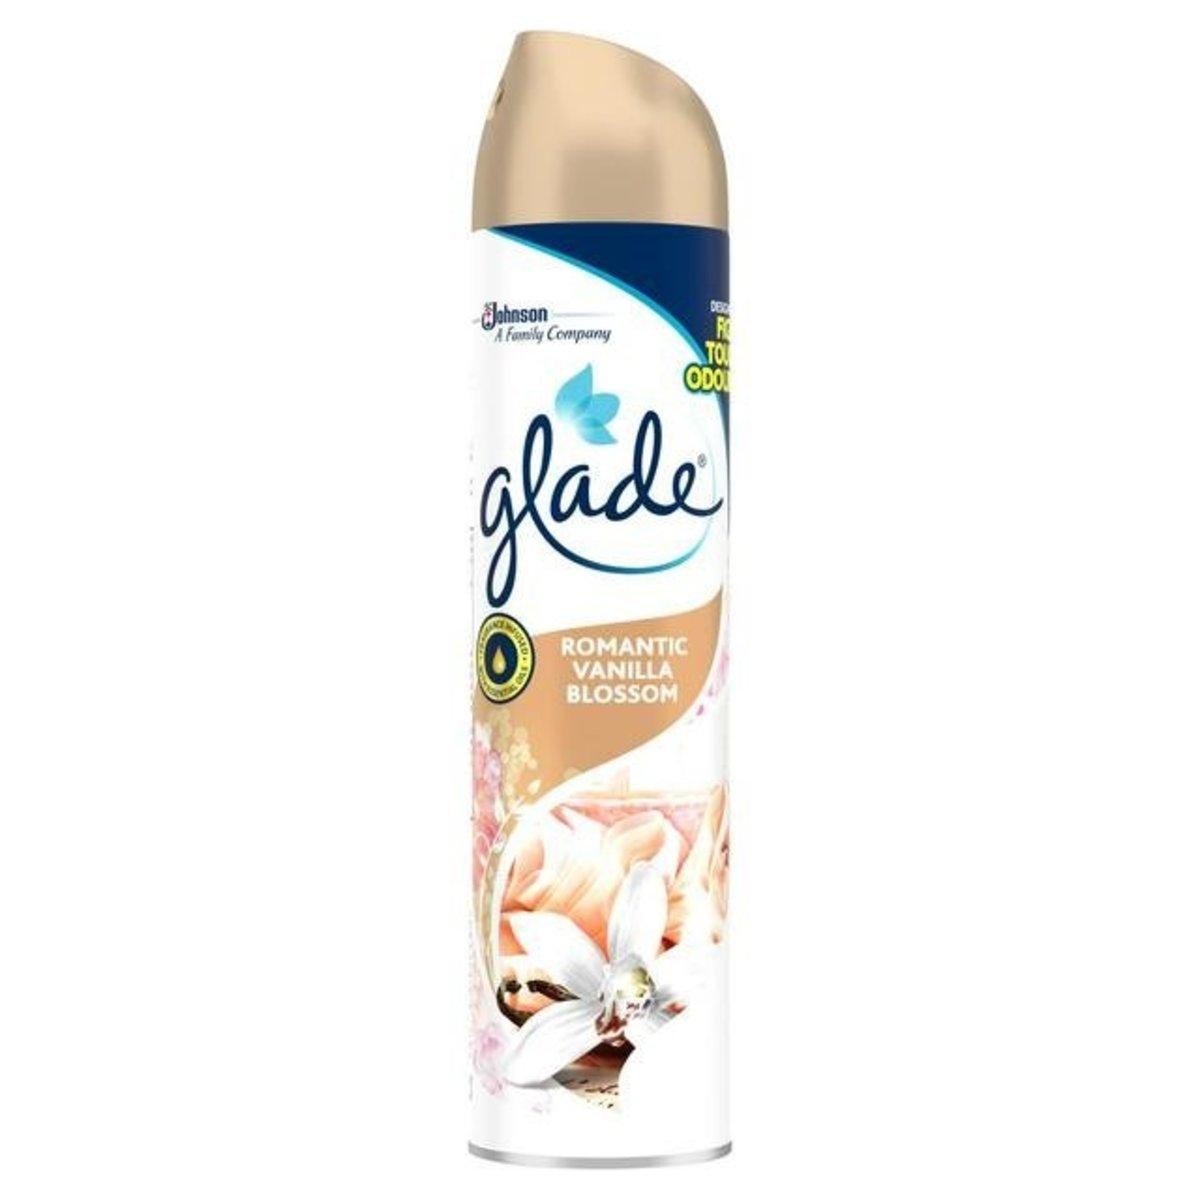 Glade 空氣清新噴霧300ml - 櫻花香草 [平行進口產品]